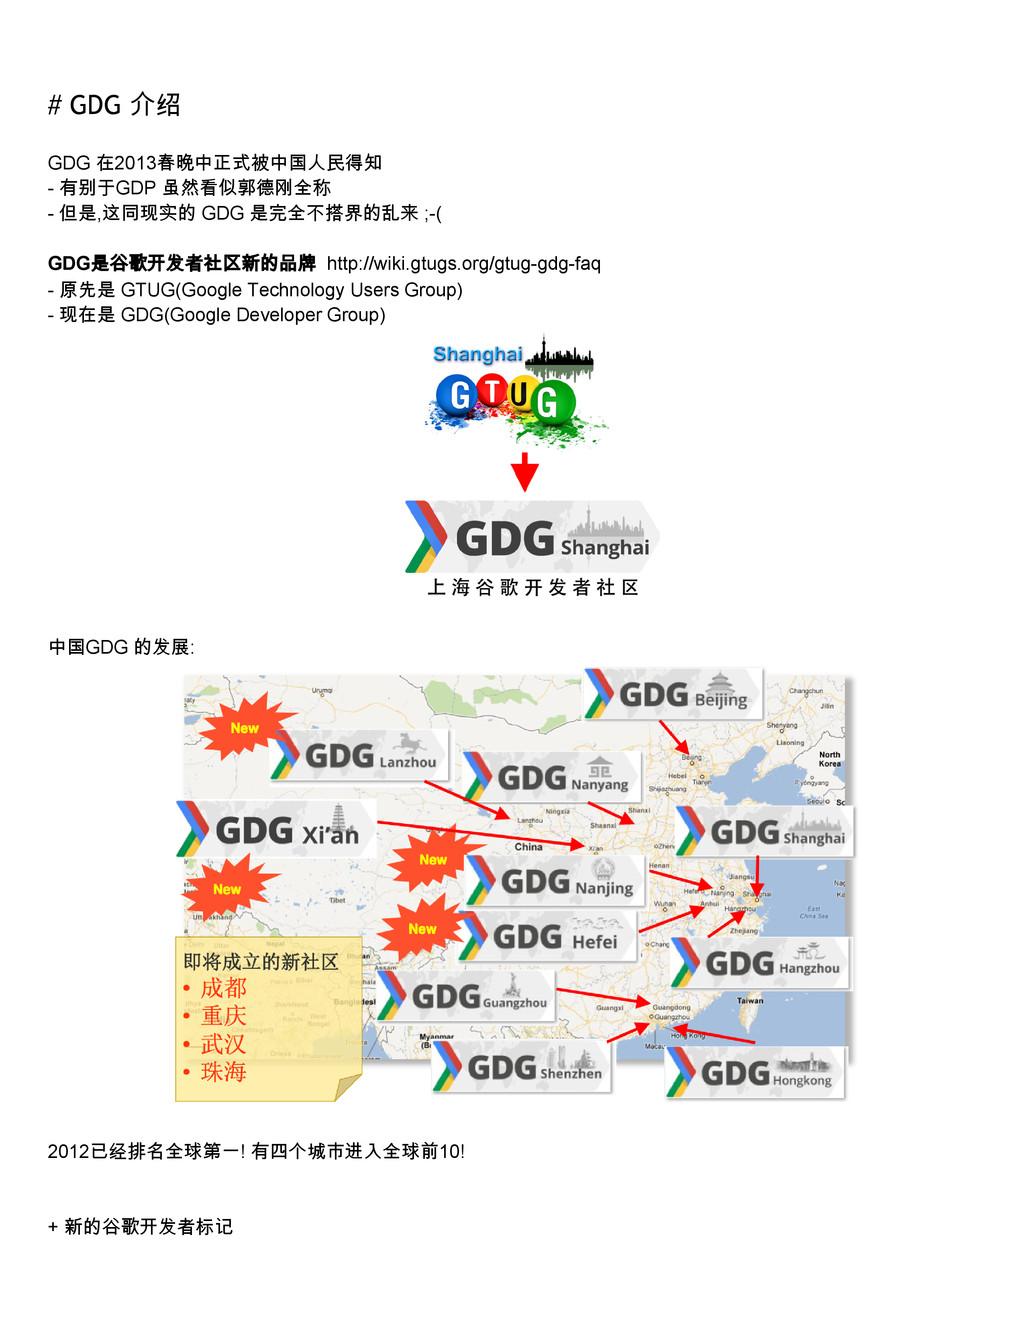 # GDG 介绍 GDG 在2013春晩中正式被中国人民得知  有别于GDP 虽然看似郭德刚...